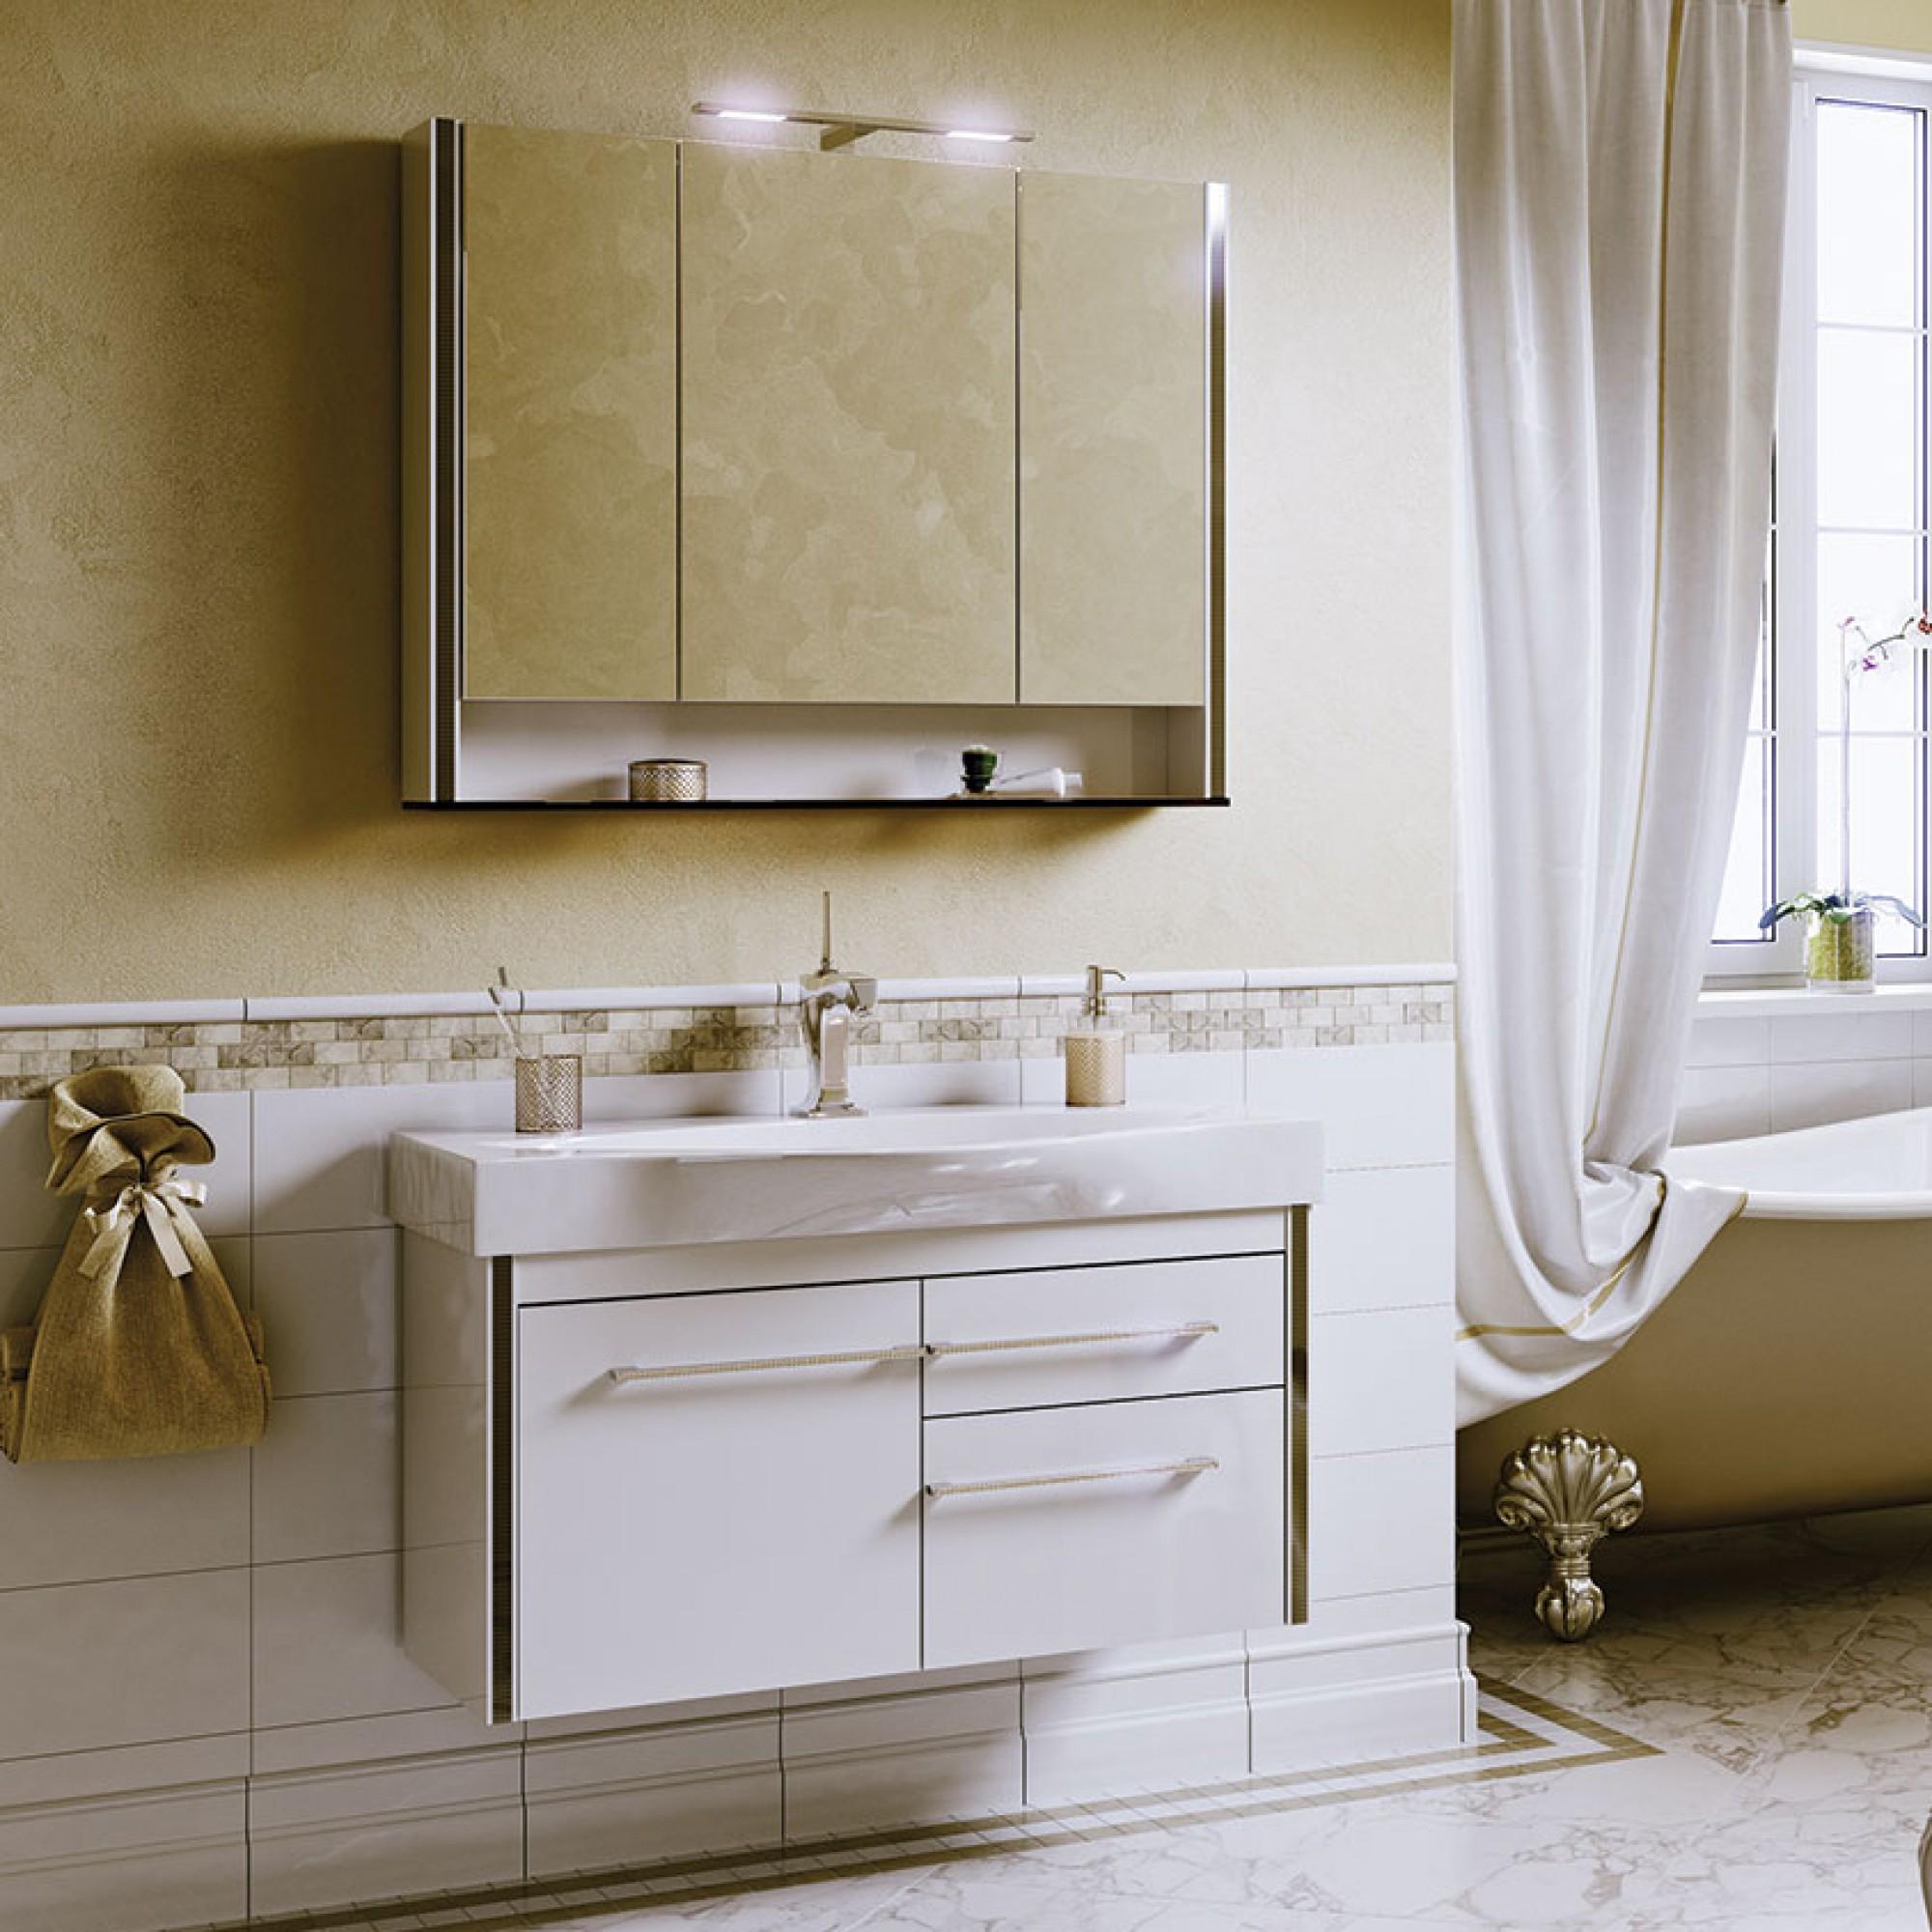 Гарнитур Layra 100 (шкаф зеркальный, тумба с раковиной) белая